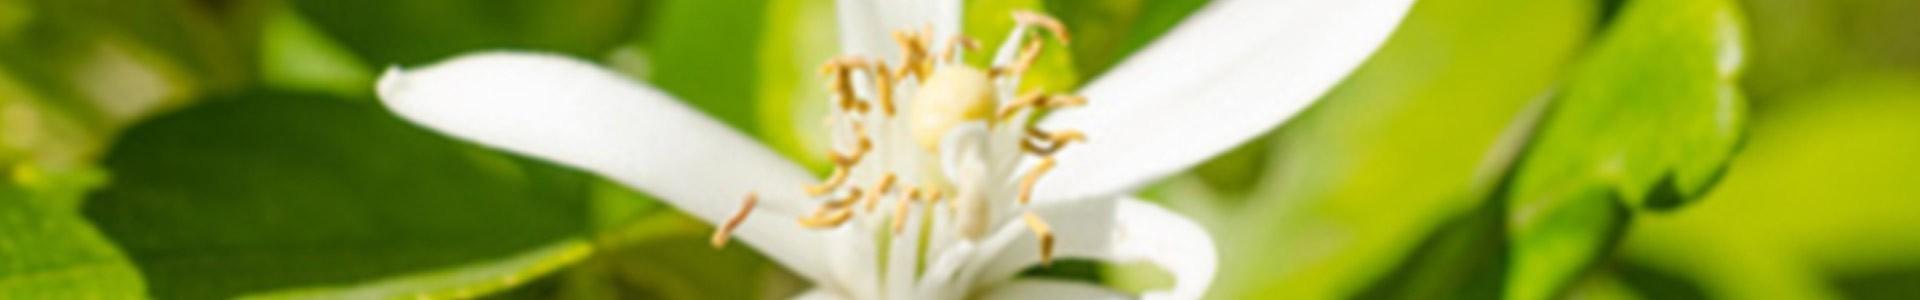 Orangenblüte - Kosmetik und Parfüms mit Neroli-Duft